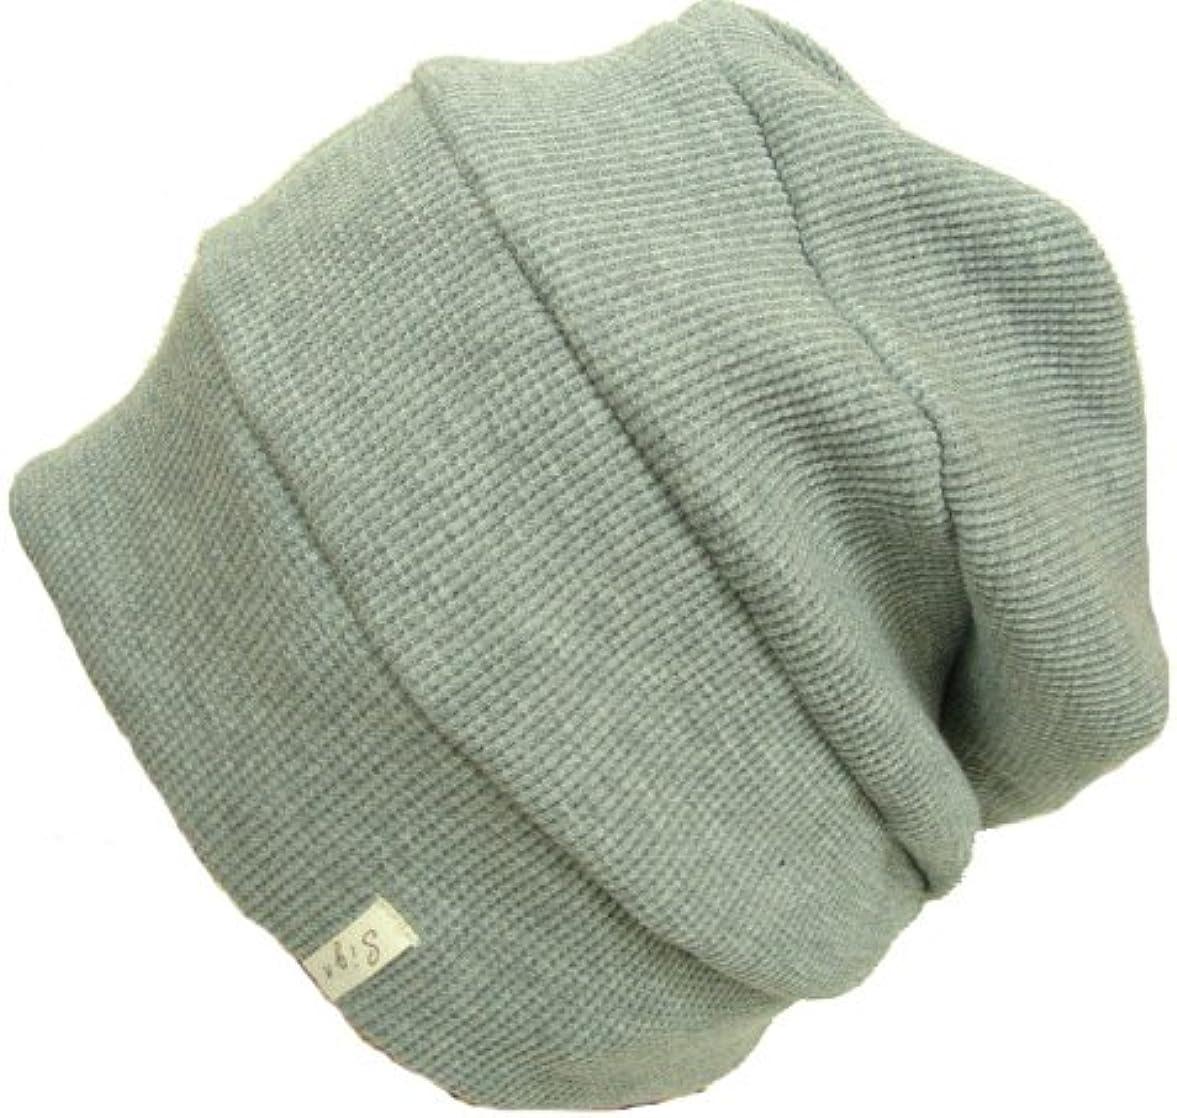 室内帽子 オーガニックコットンワッフル段々ワッチ 杢グレー SIGN サイン NOC認定商品